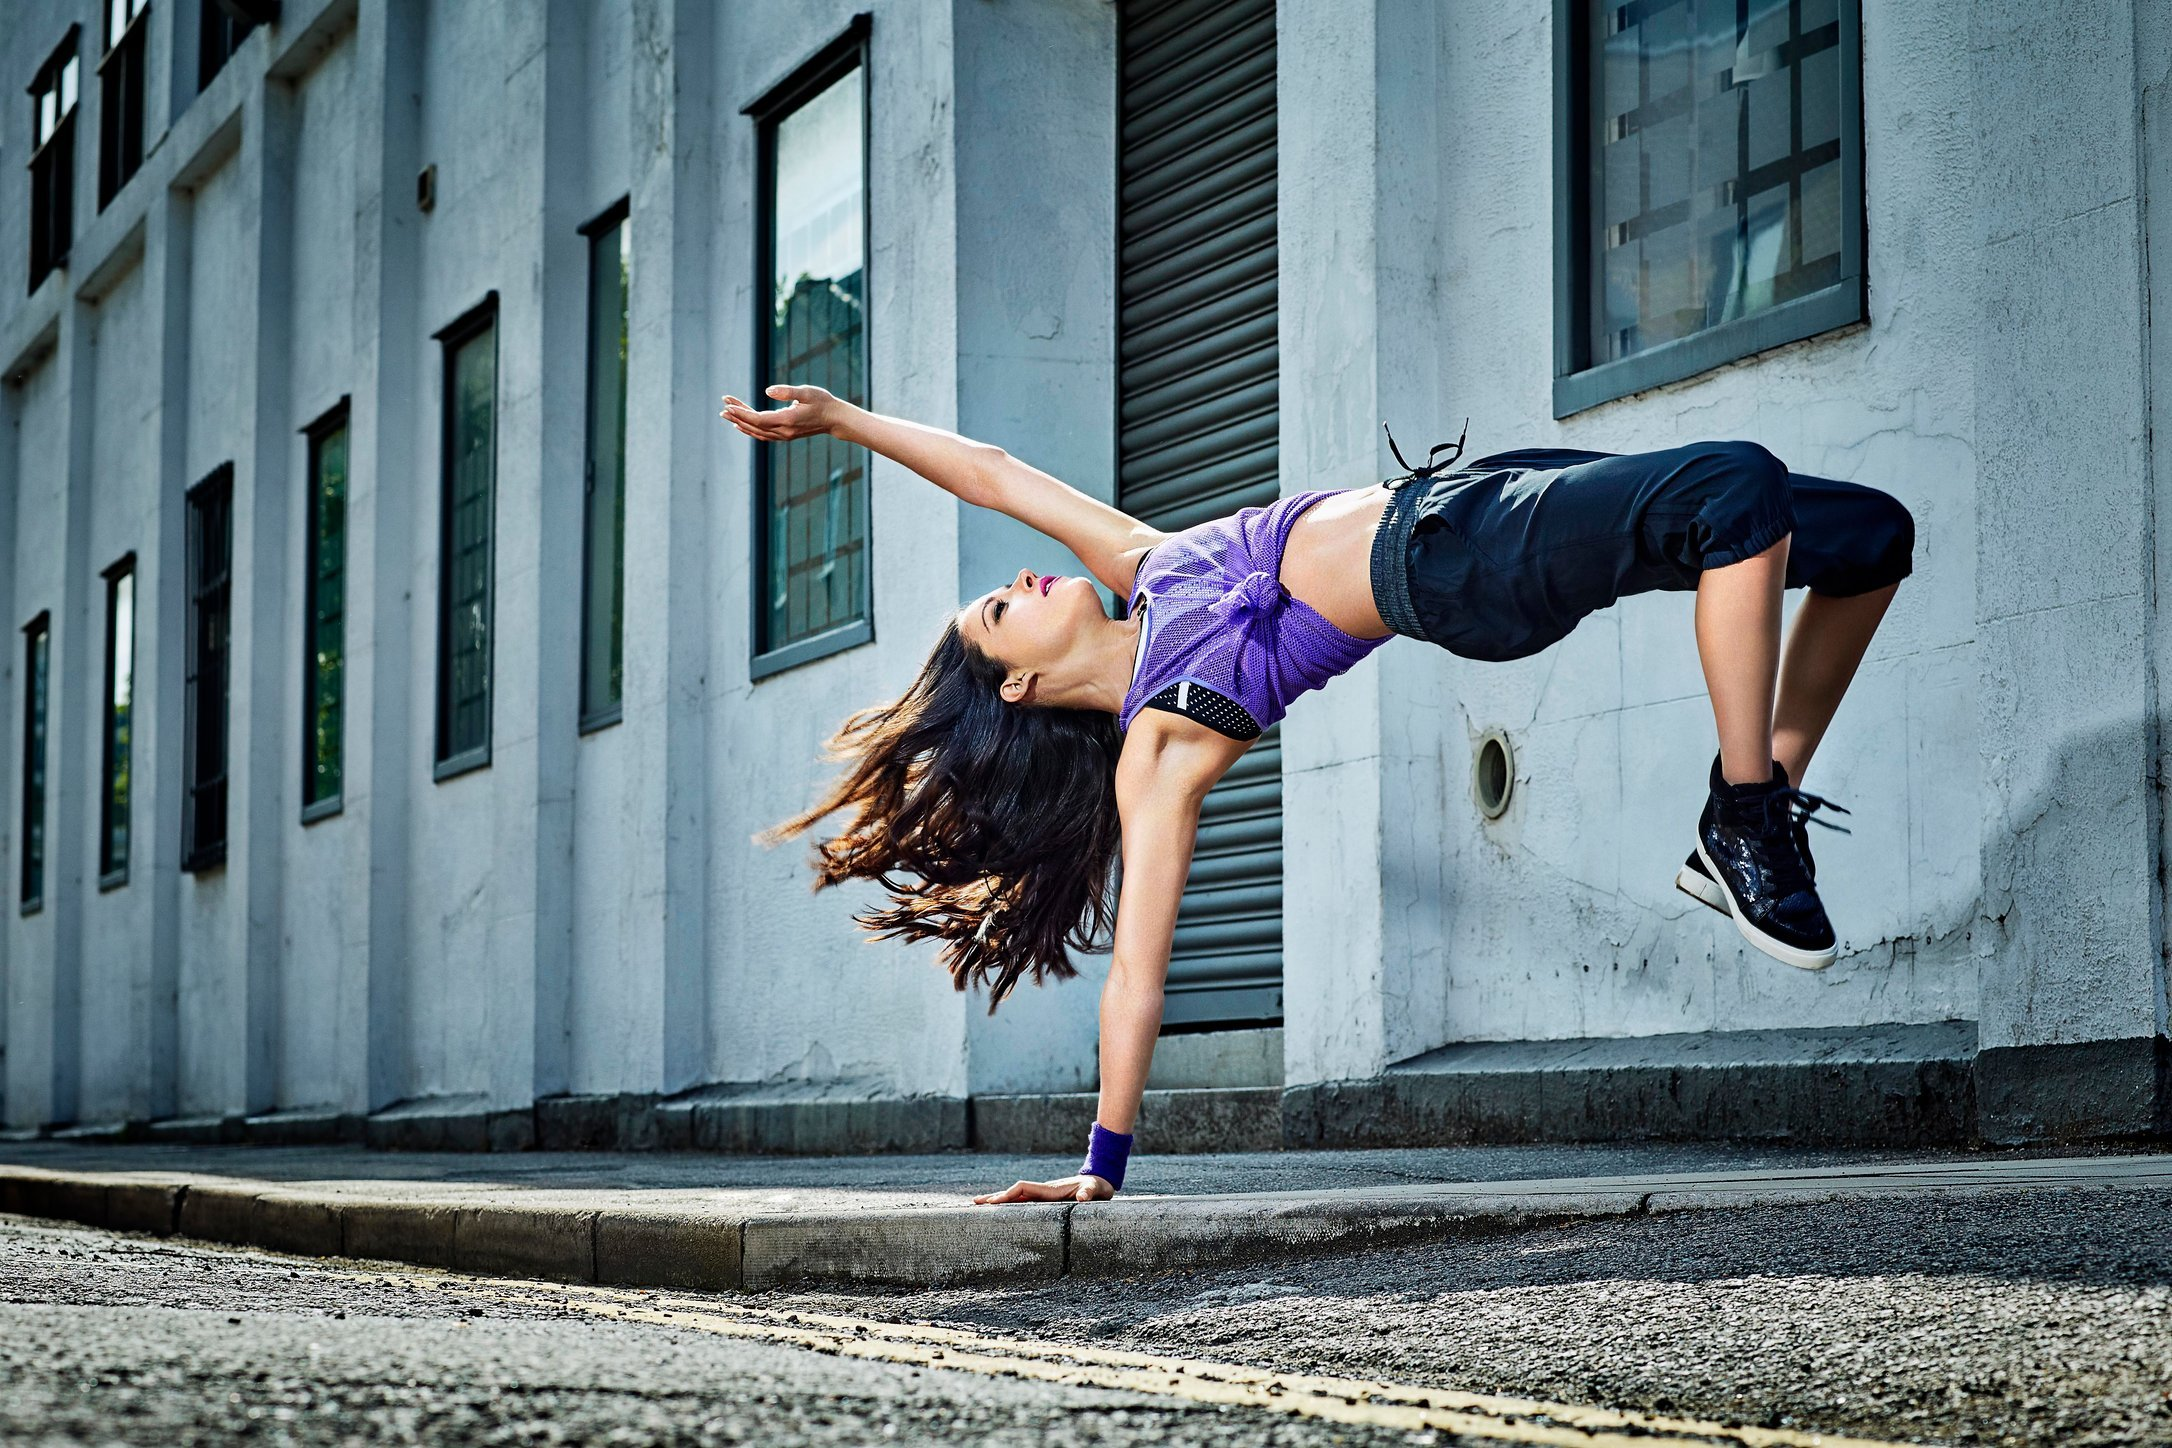 150515_Health&Fitness_FS_124 f1.jpeg